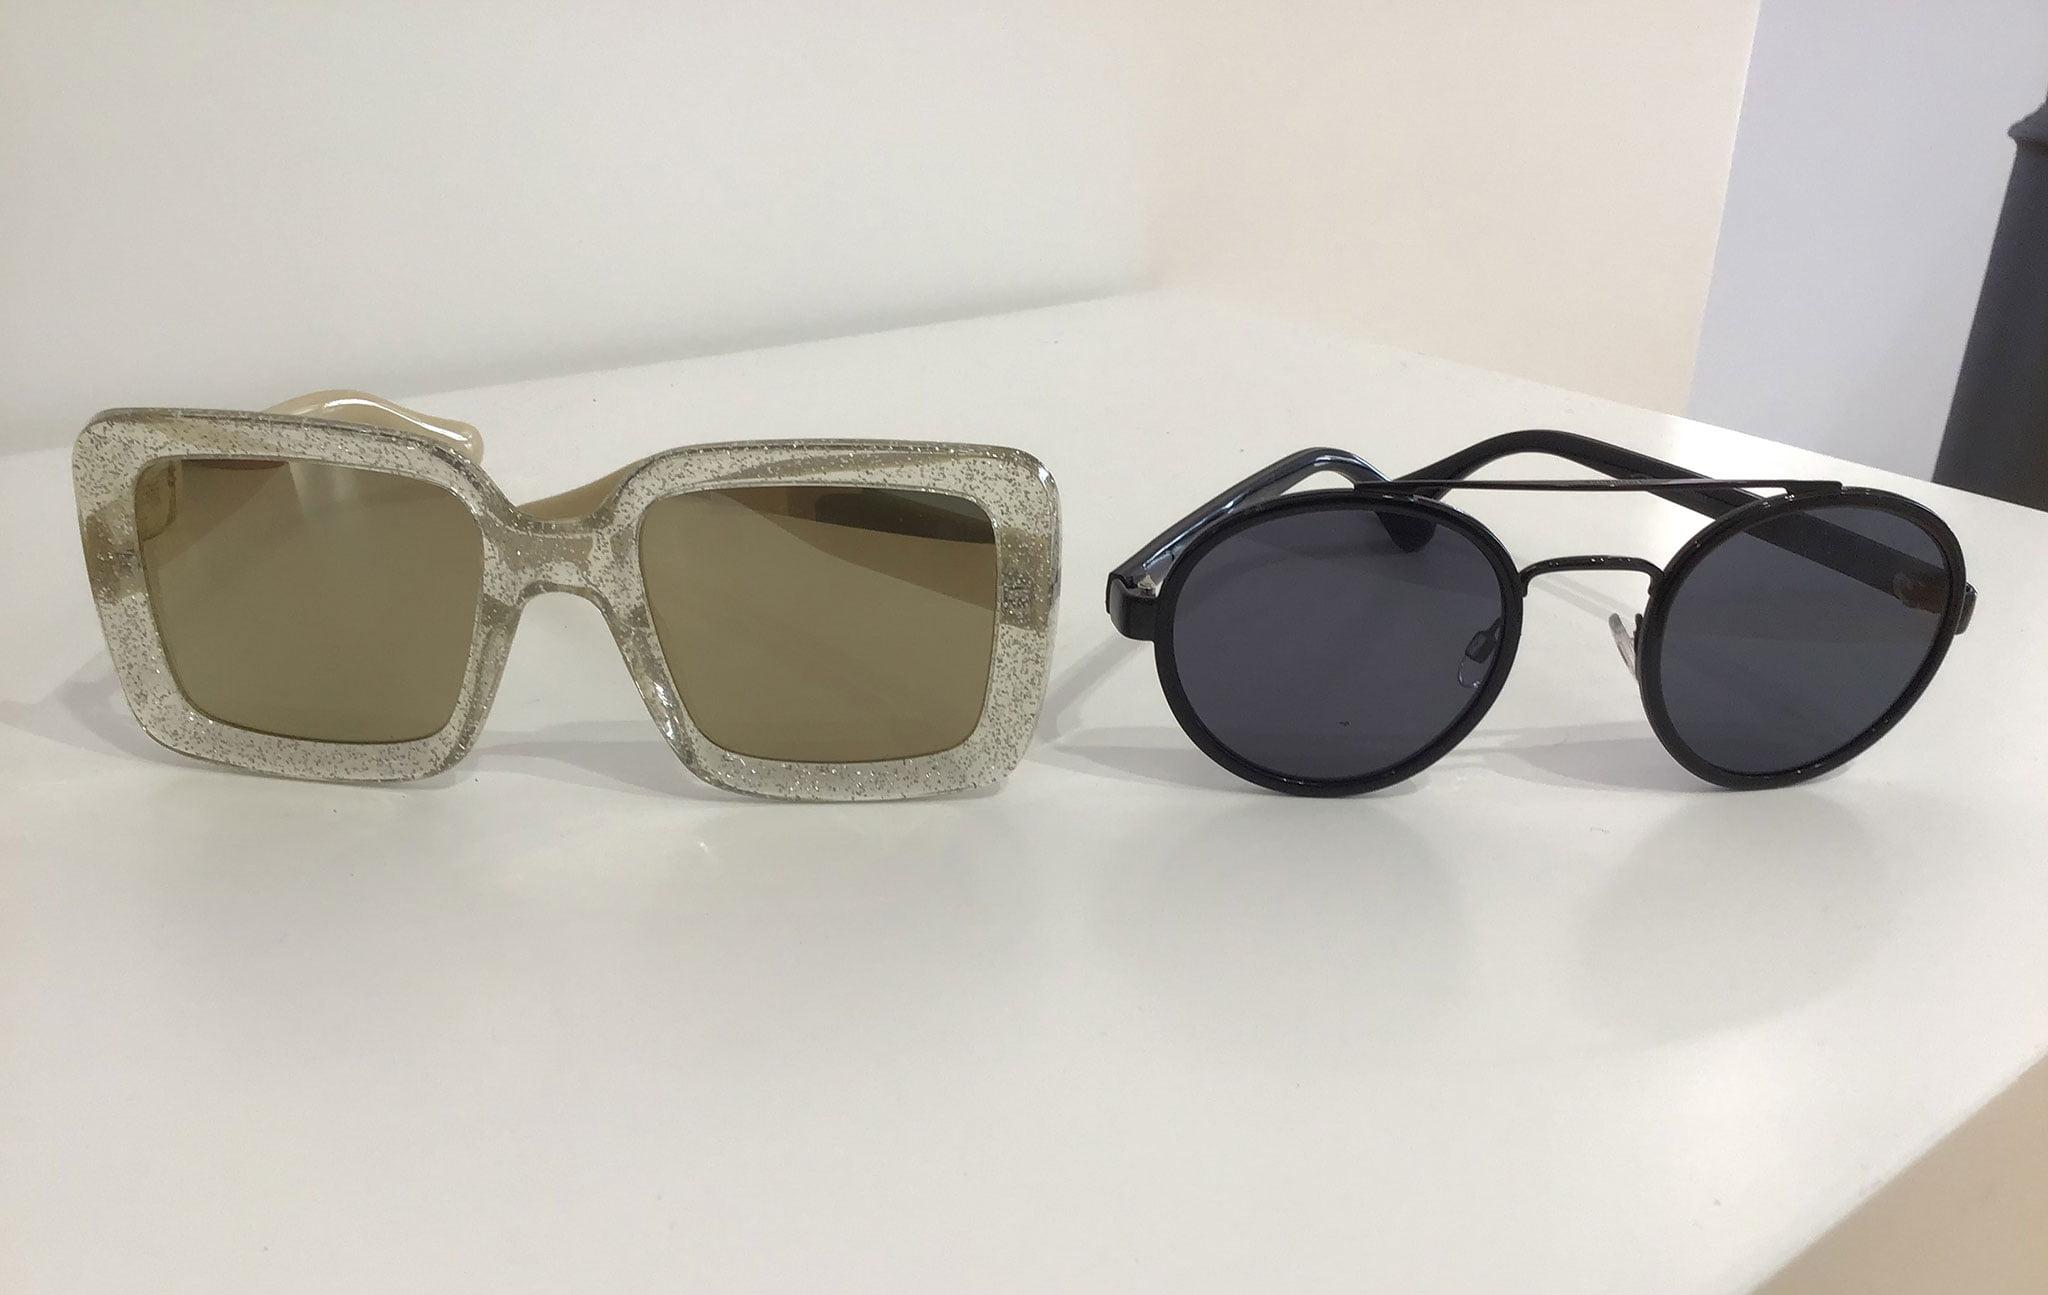 Sorteo de gafas marca Havaianas – Óptica Benjamín